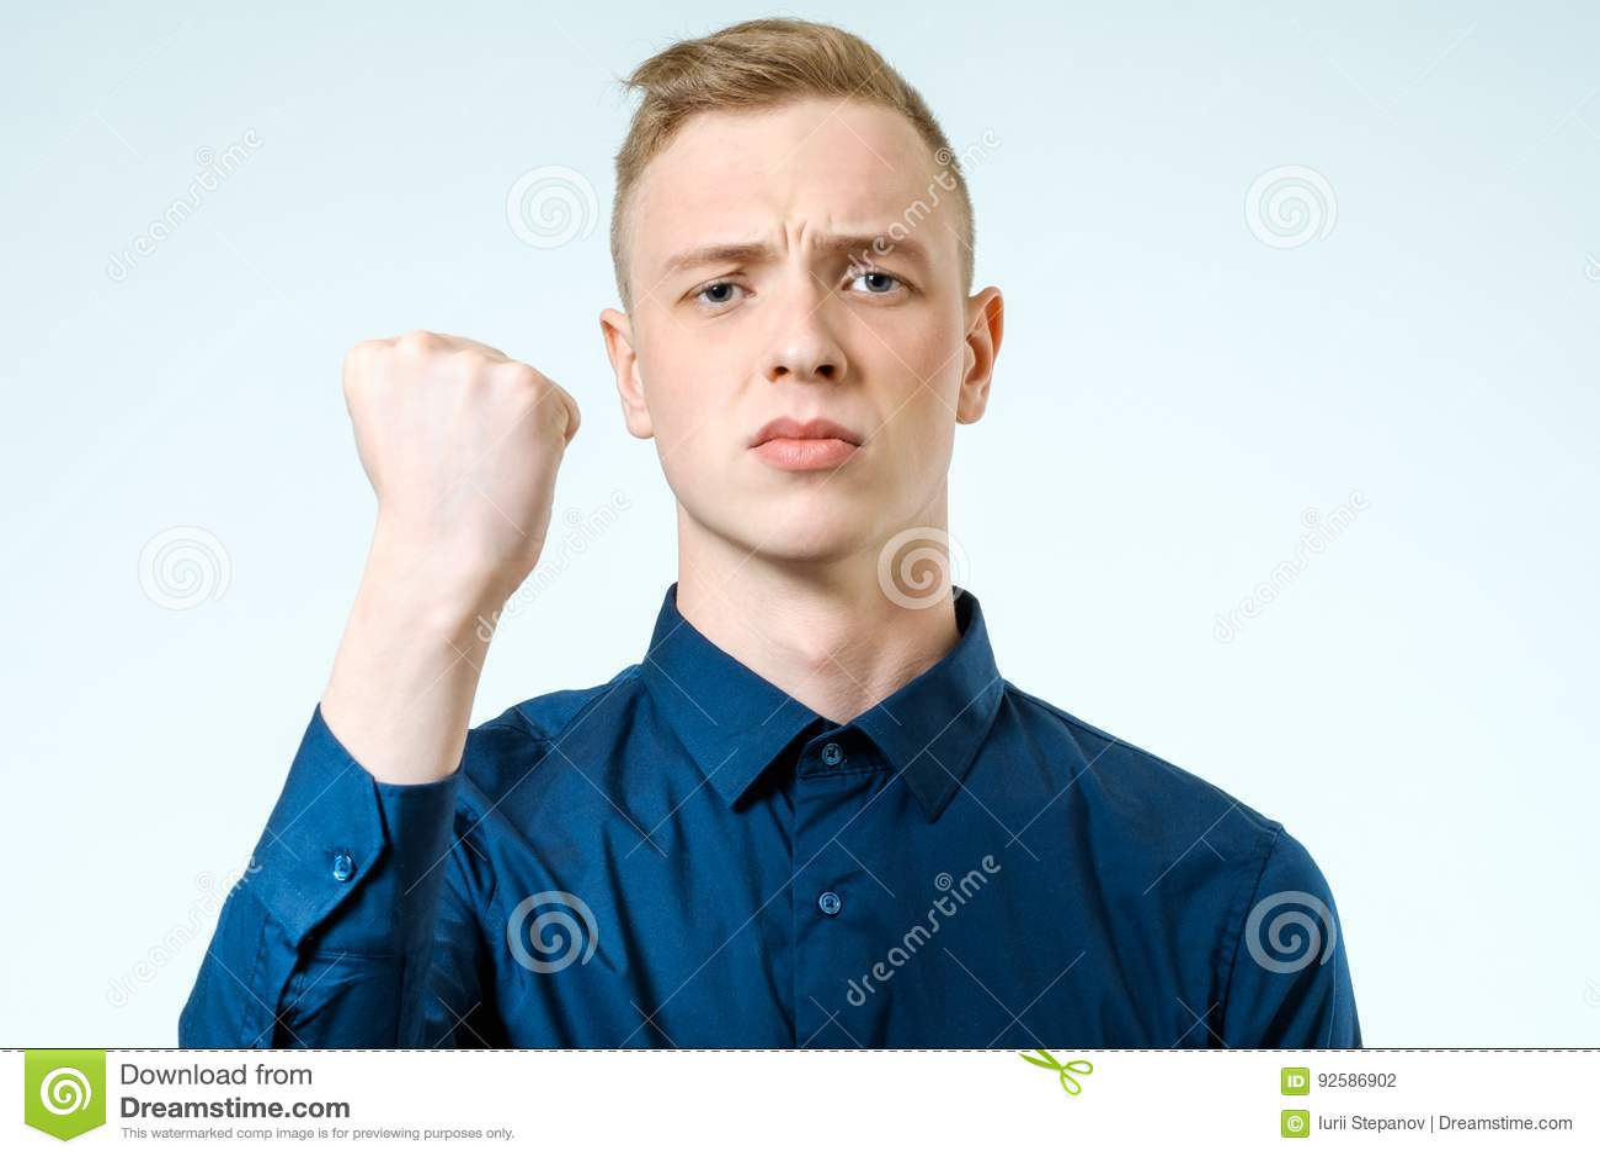 Puño que gesticula enojado del hombre joven levantado